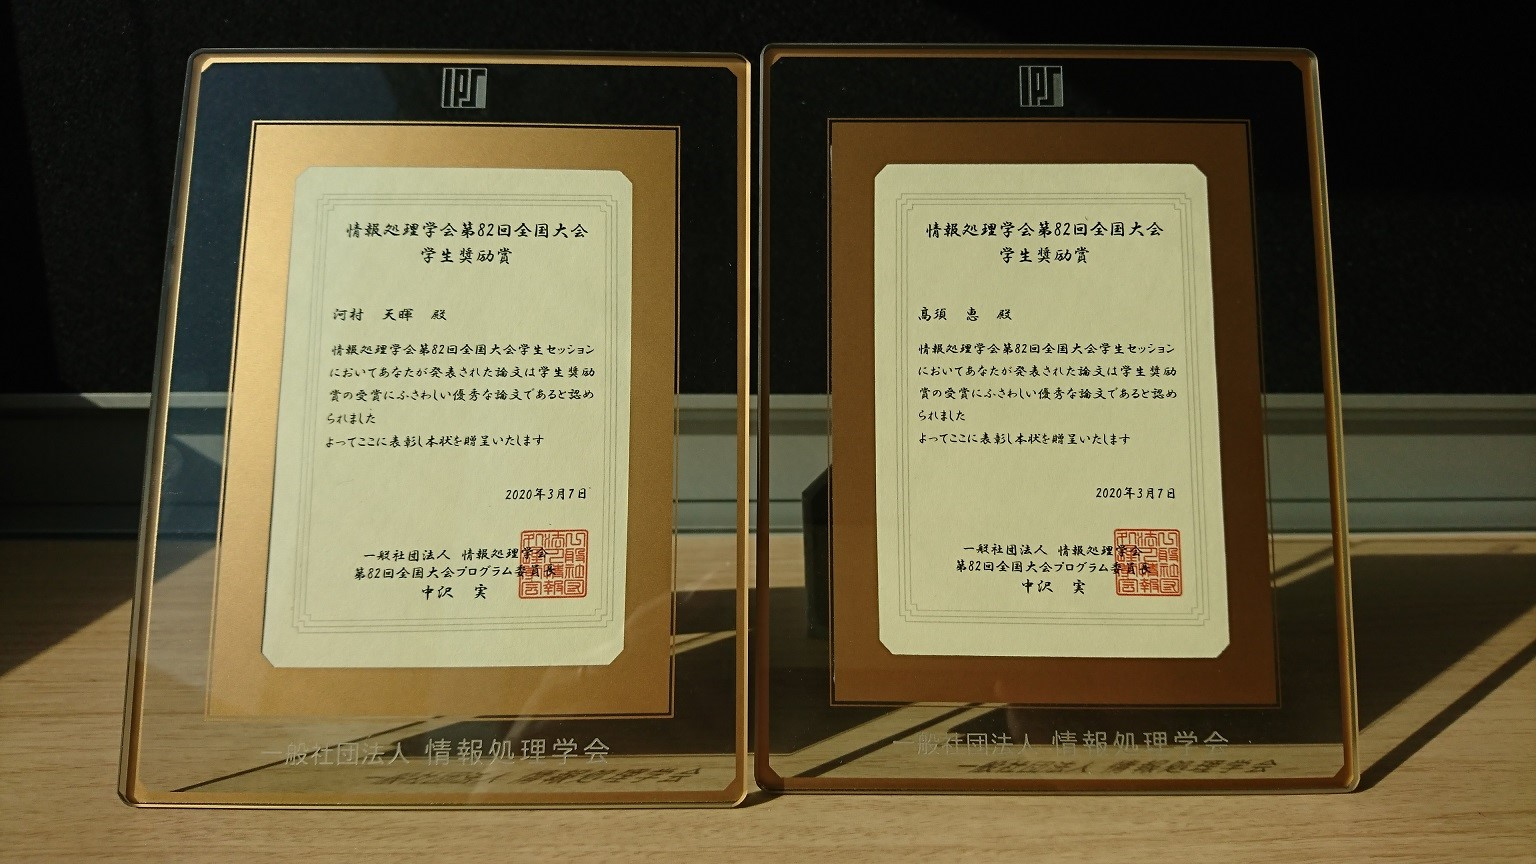 情報メディア学専攻2年生 河村さんと,情報メディ学科4年生 高須さんが情報処理学会第82回全国大会にて,学生奨励賞を受賞